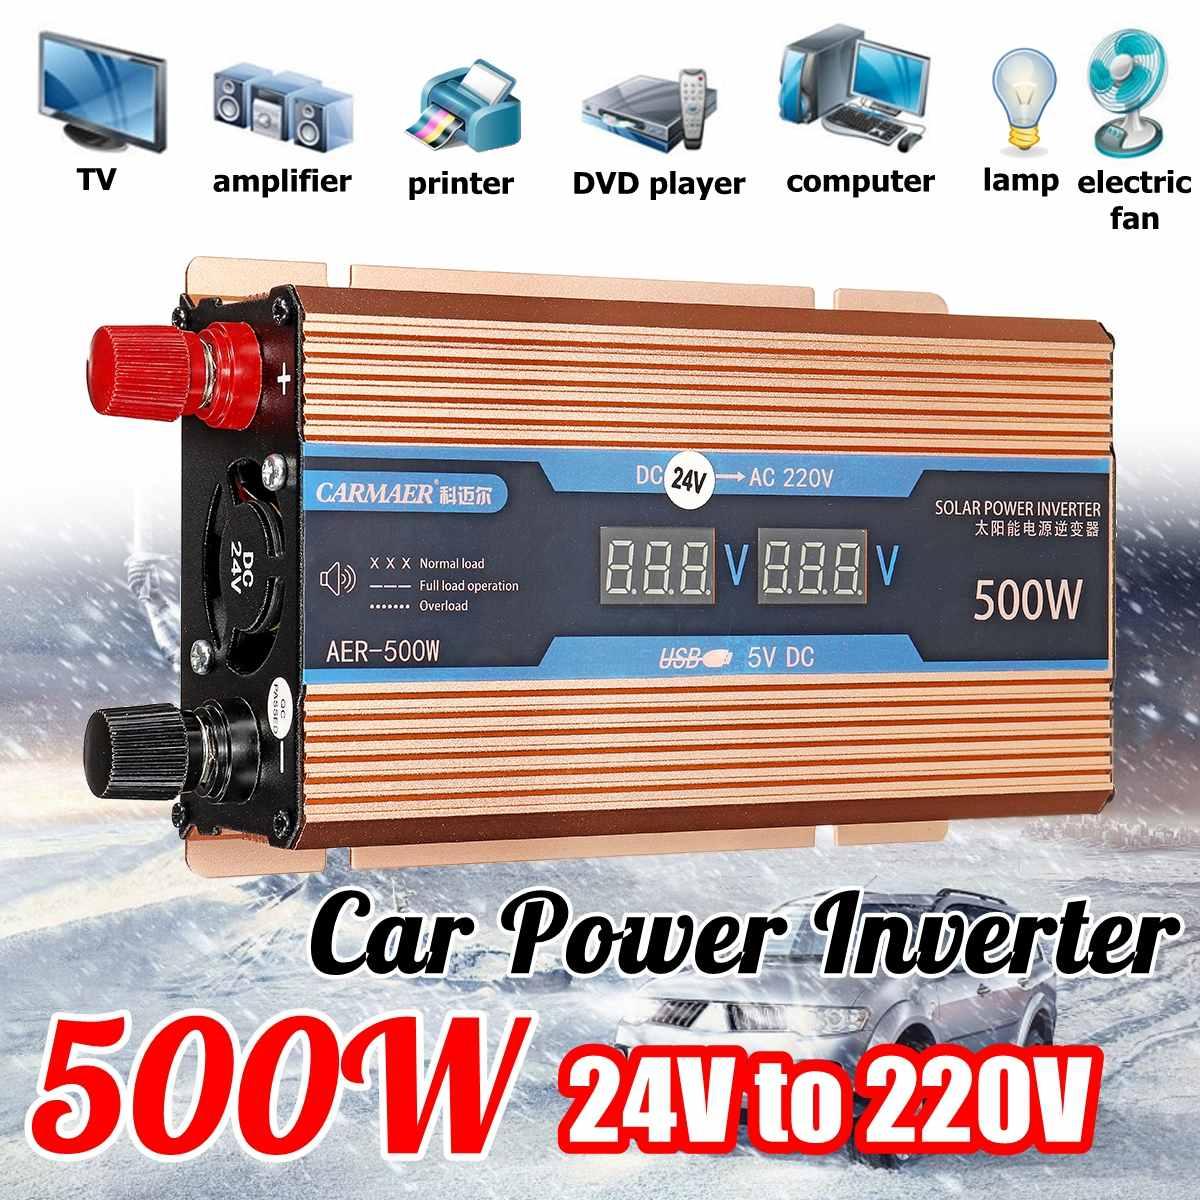 Autoleader 500W Car Power Inverter 380W 12V 24V to 220V 50Hz 0.9A Digital Display Gold Aluminum Alloy for car truckAutoleader 500W Car Power Inverter 380W 12V 24V to 220V 50Hz 0.9A Digital Display Gold Aluminum Alloy for car truck